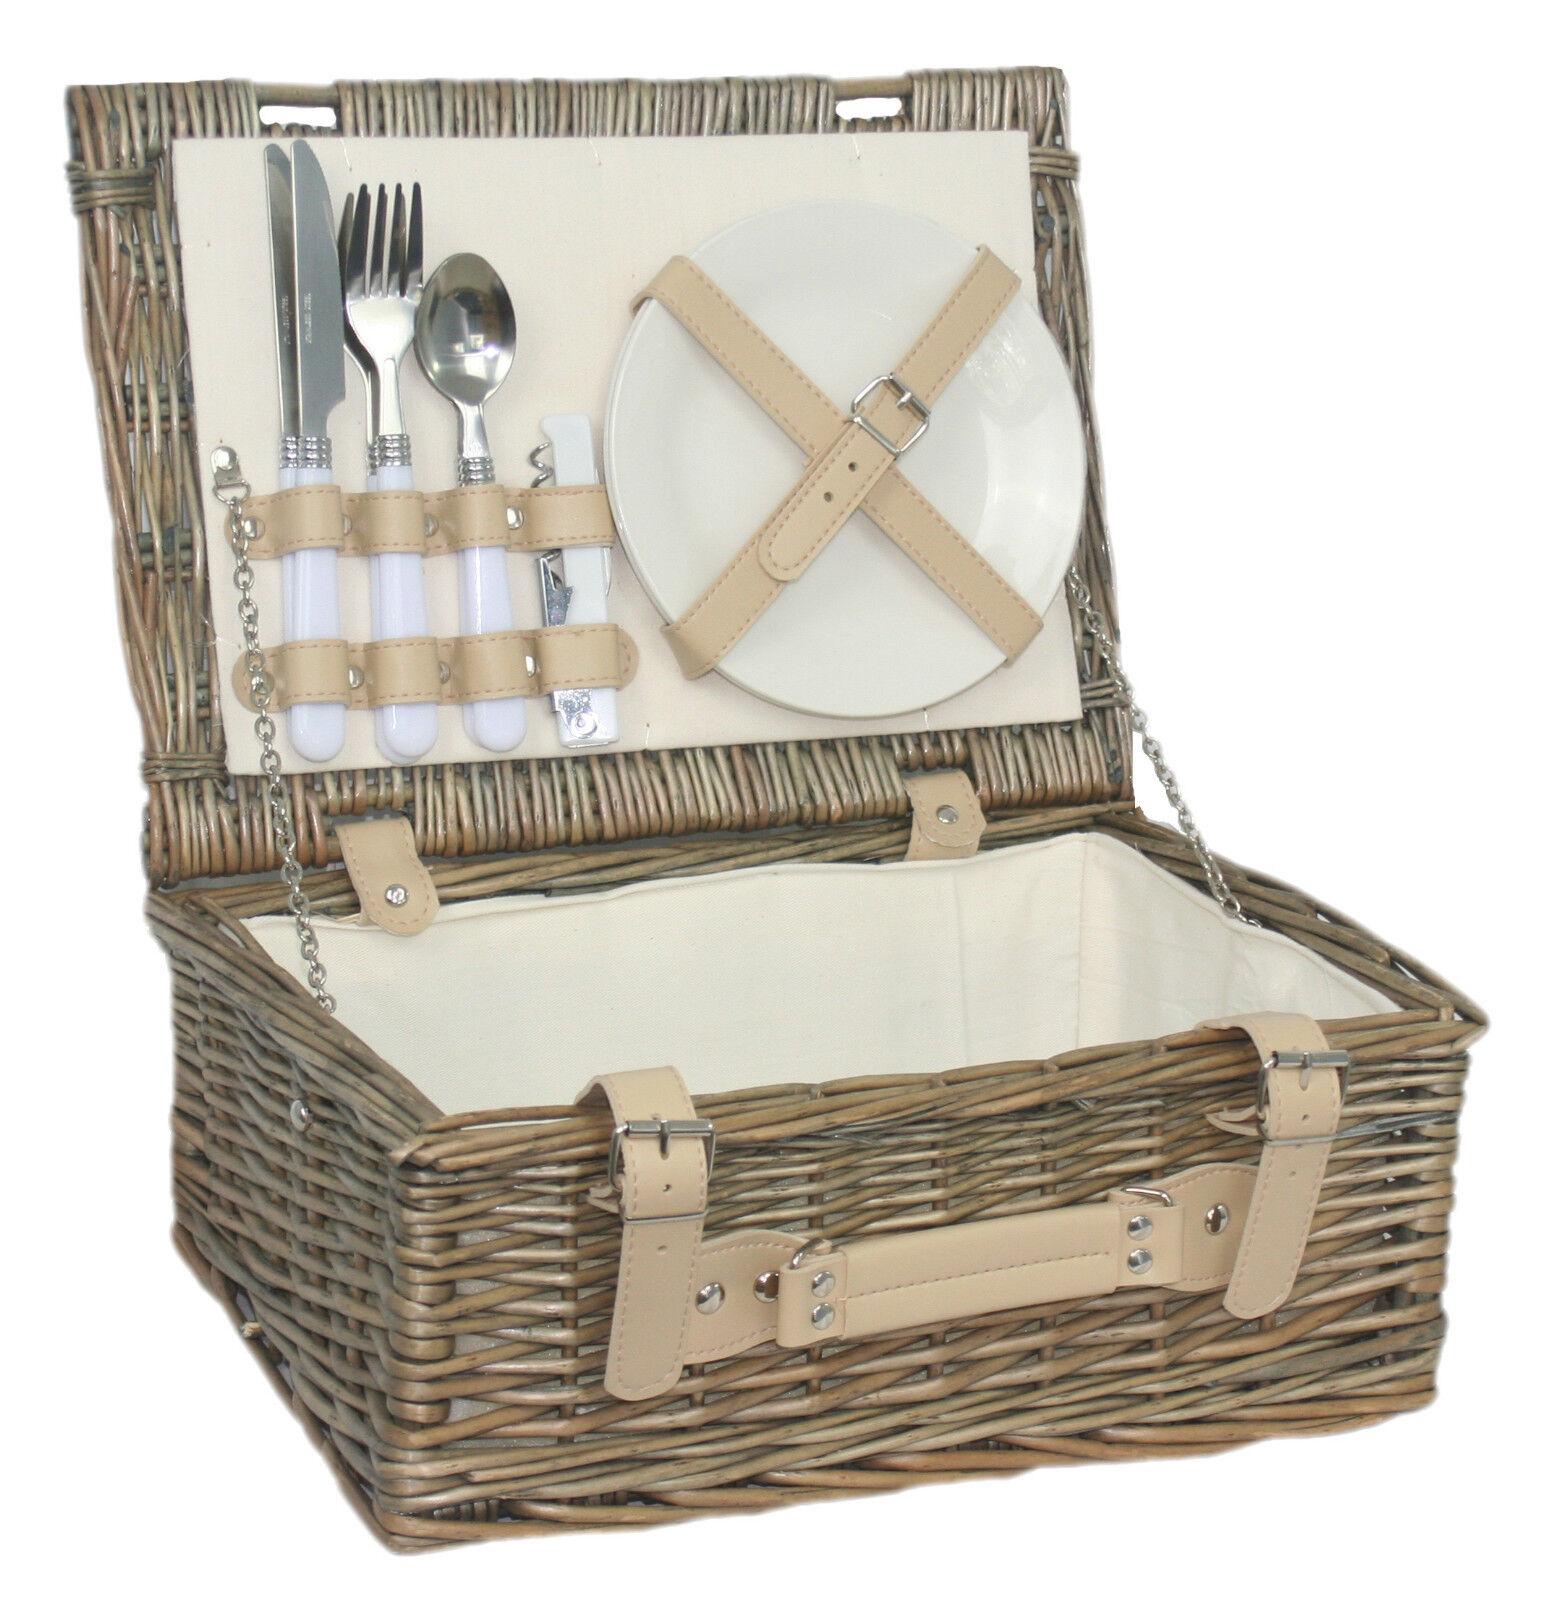 Picnic Basket Kit : Picnic basket set wicker hamper dining snack flatware